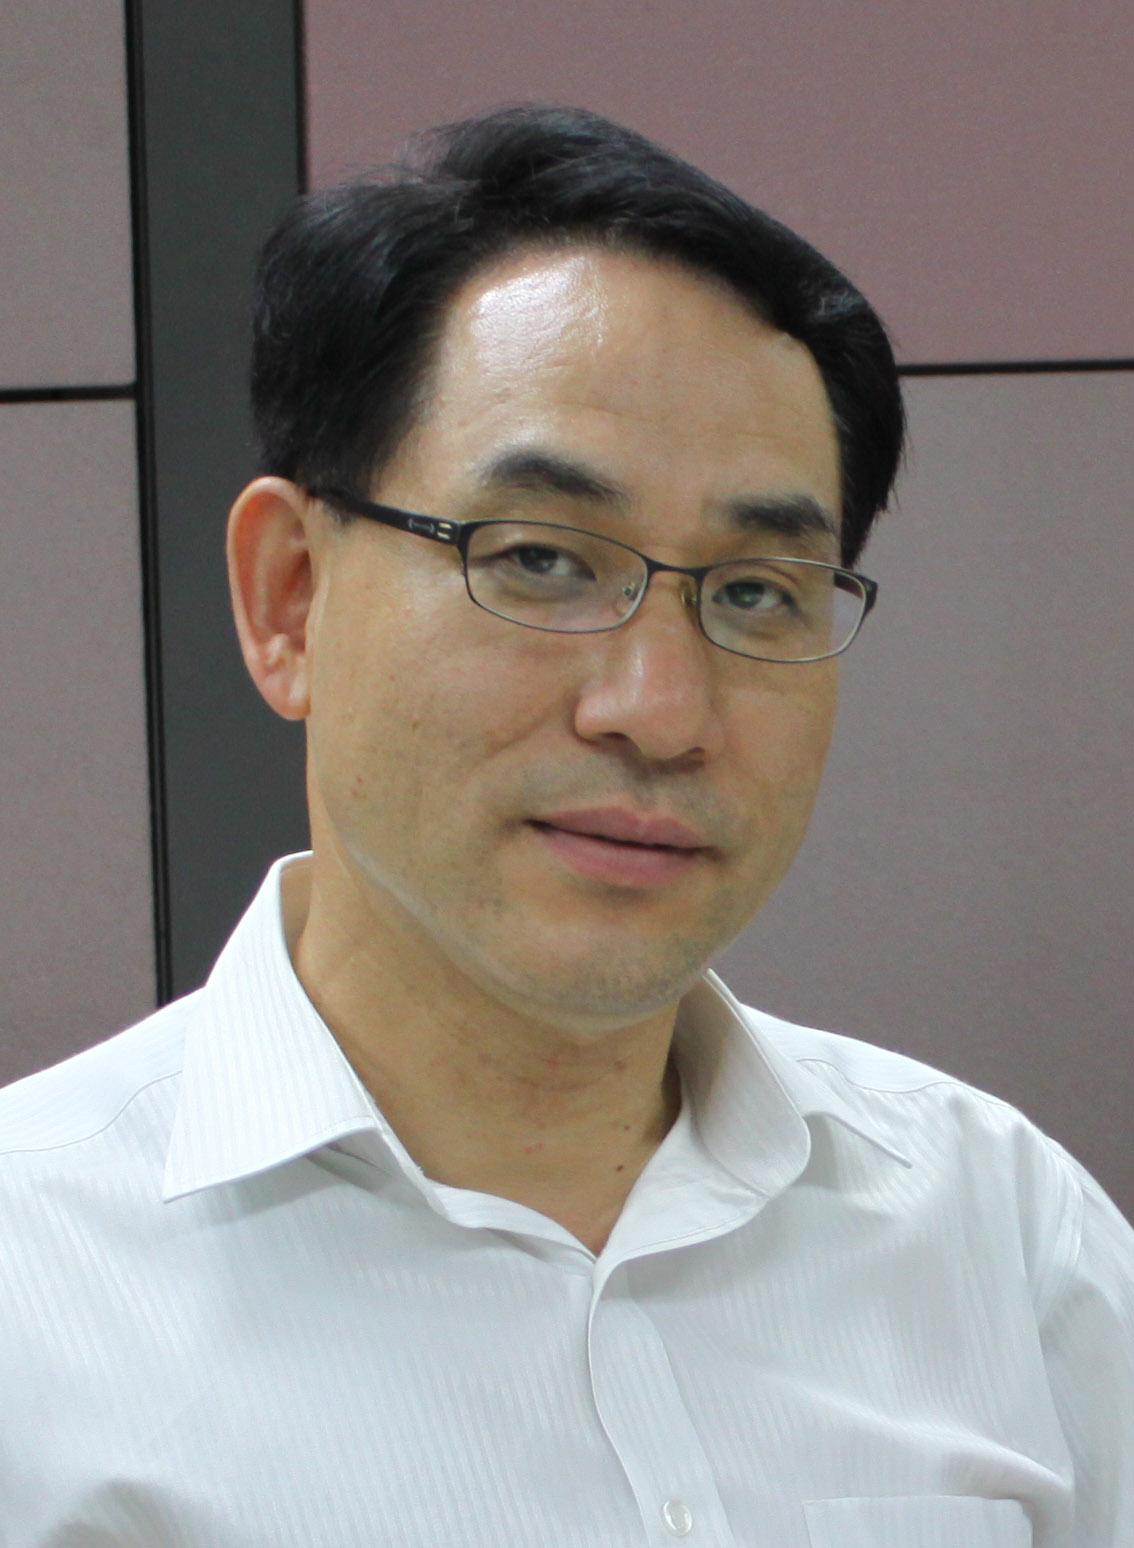 유병렬 한국농수산식품유통공사 곡물사업처장